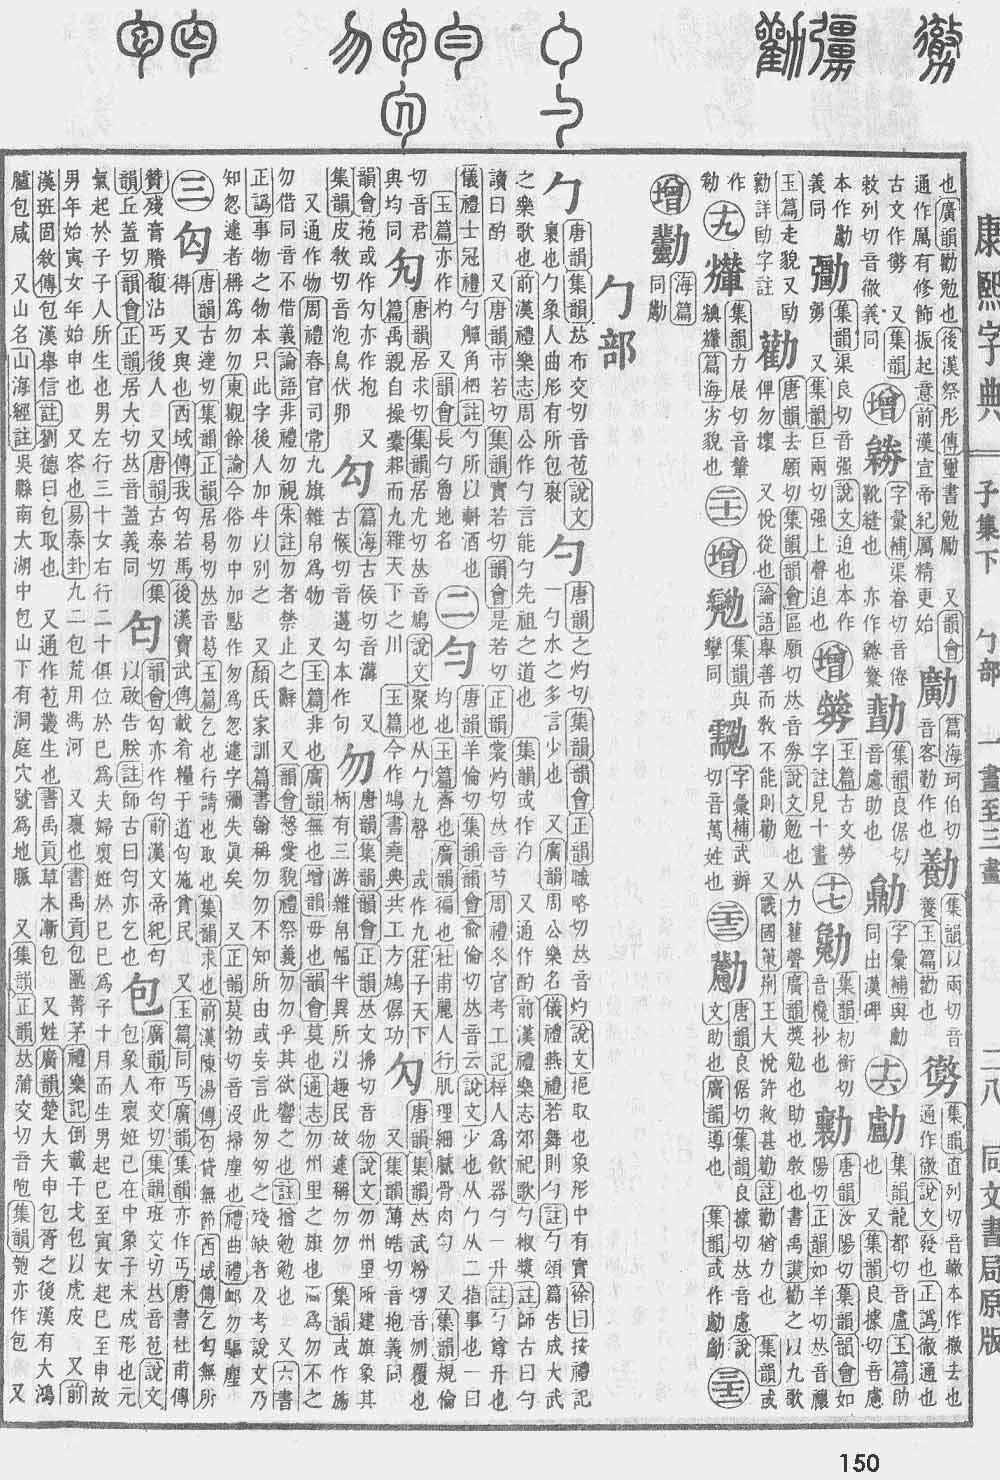 《康熙字典》第150页